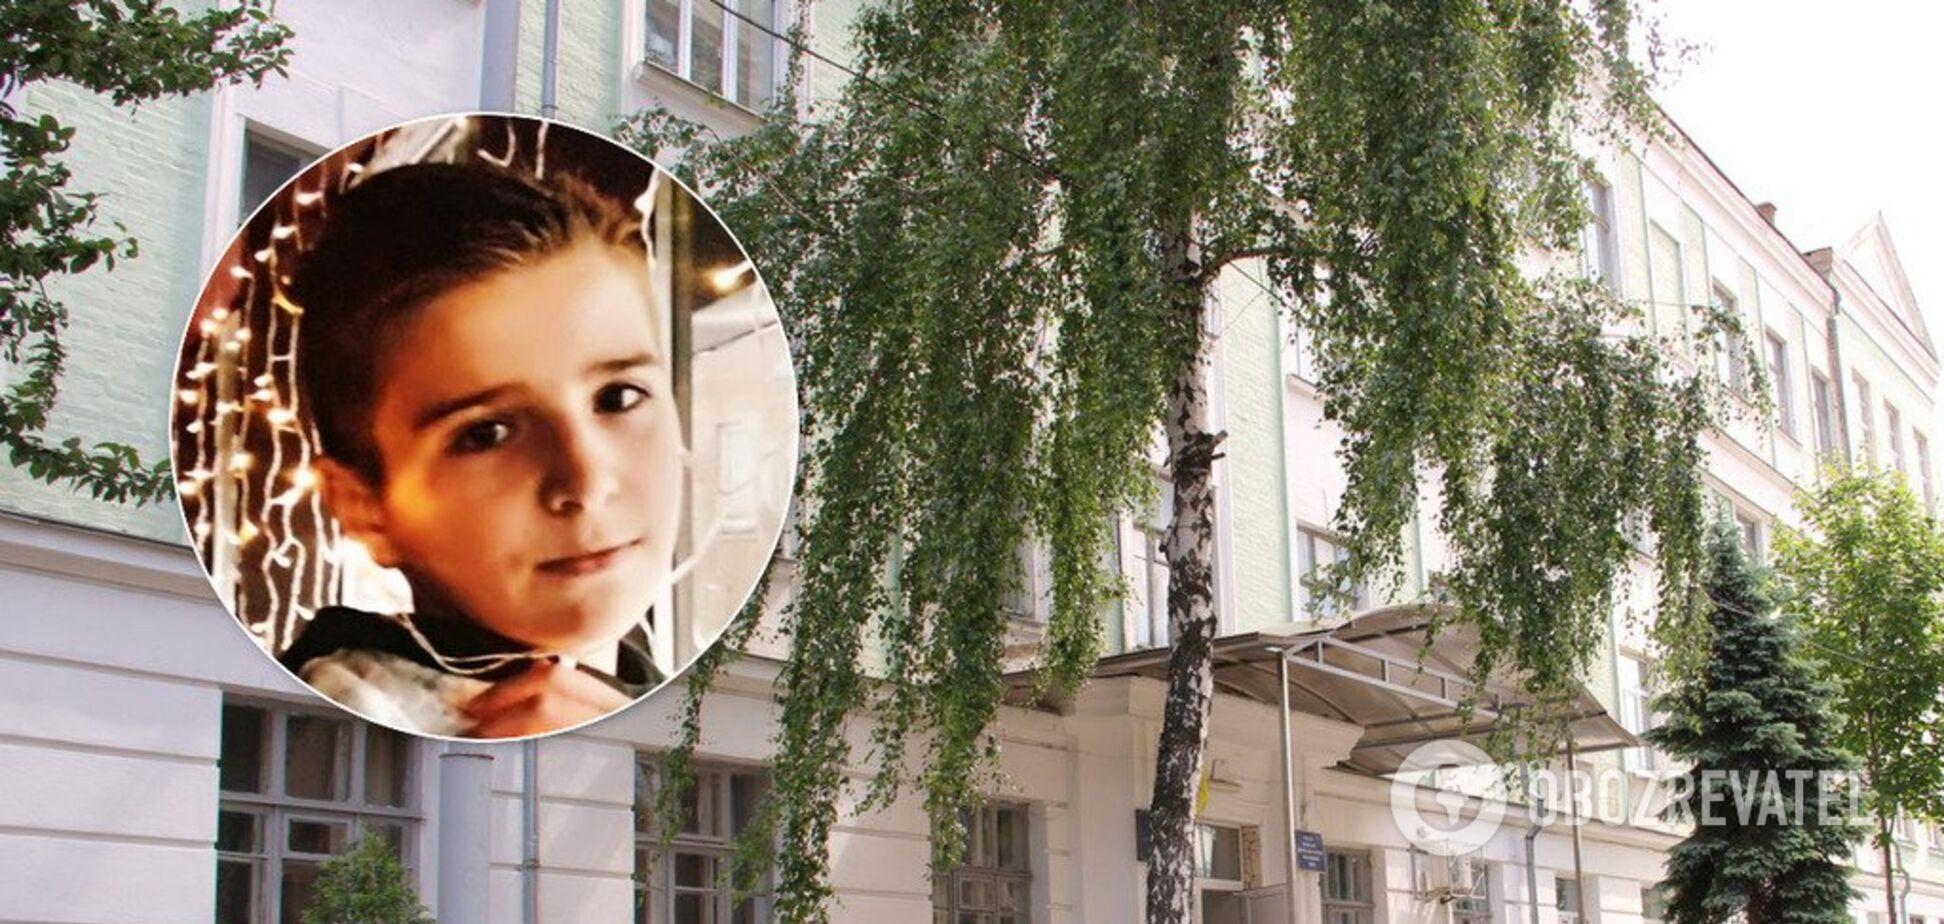 Был 'плохим ребенком': школа Киева попала в скандал из-за фото погибшего ученика